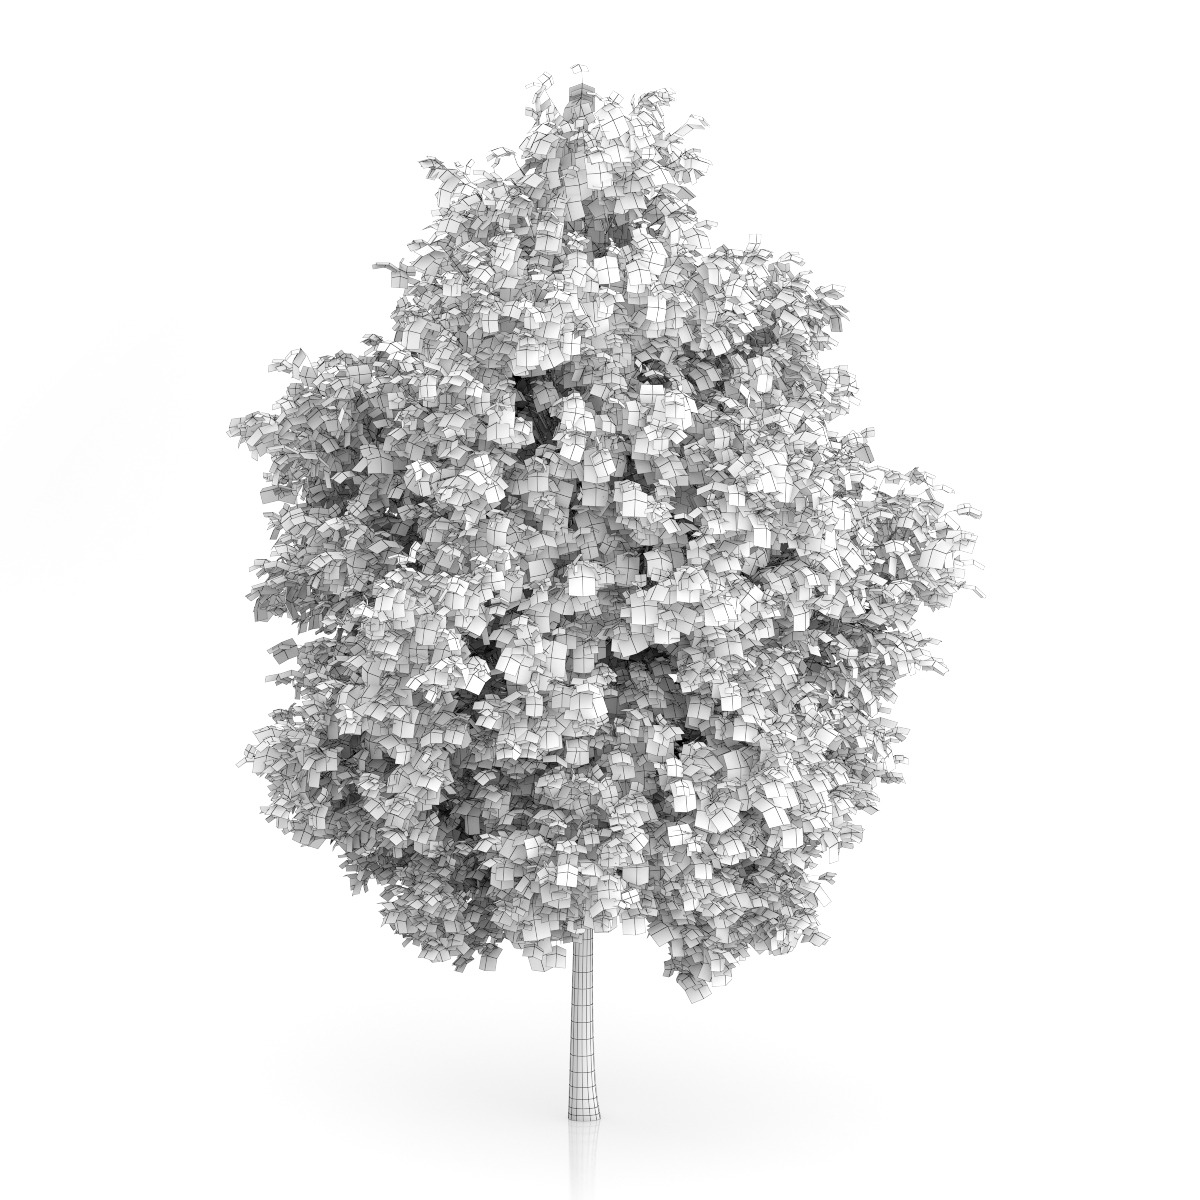 London Plane Tree (Platanus × acerifolia) 8.9m by CGAxis ...